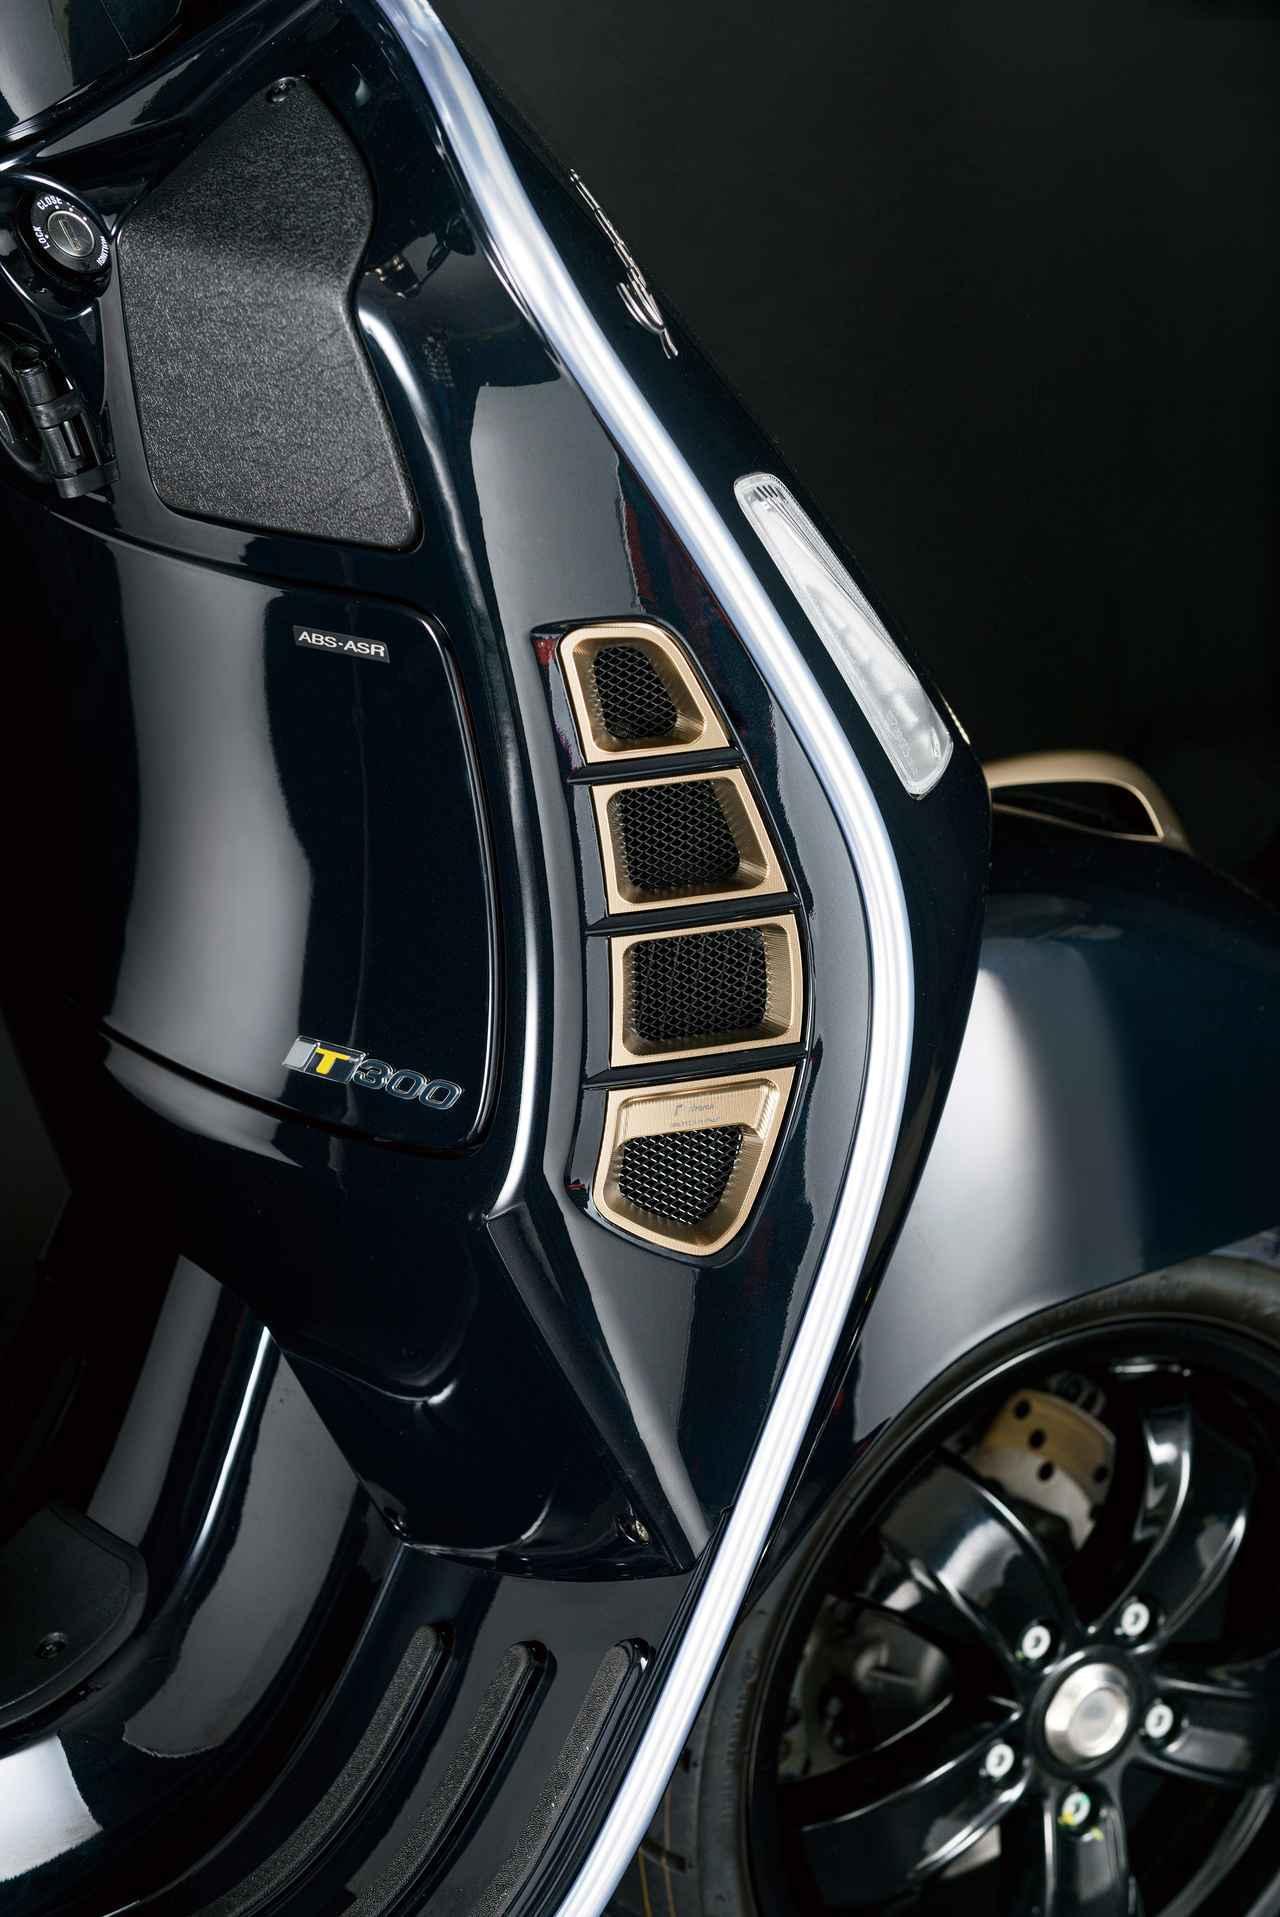 画像: GLOVE COMPARTMENT AIR INLET GRIDS カラー:ブラック、ブロンズ 価格:57,200円(税込)